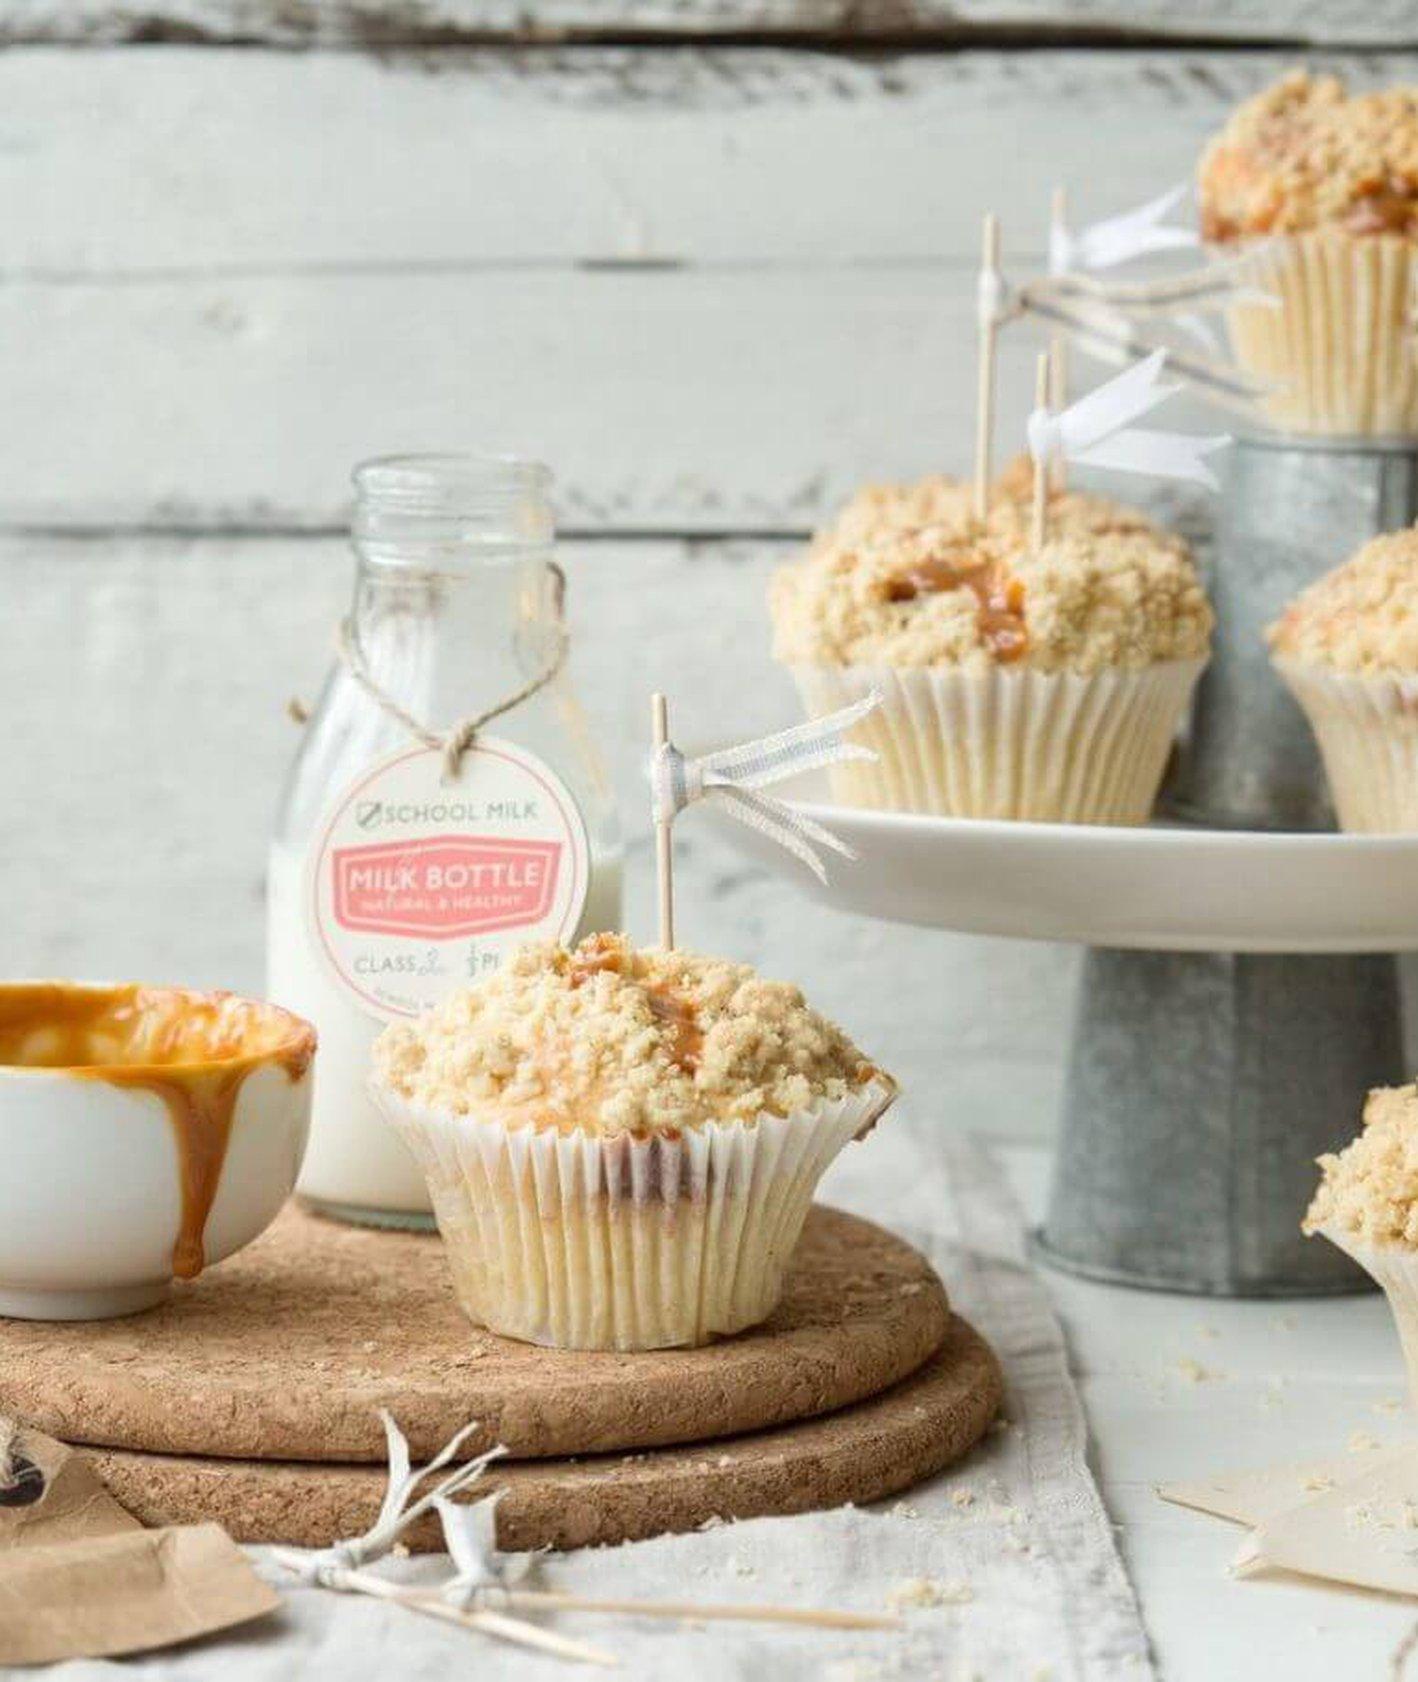 babeczki z kruszonką, muffinki z kruszonką, muffinki z jabłkiem, ciasto z jabłkiem, szybkie babeczki, domowe muffinki, domowe babeczki, babeczki z kajmakiem, przekąski na imprezę, desery dla dzieci, muffinki